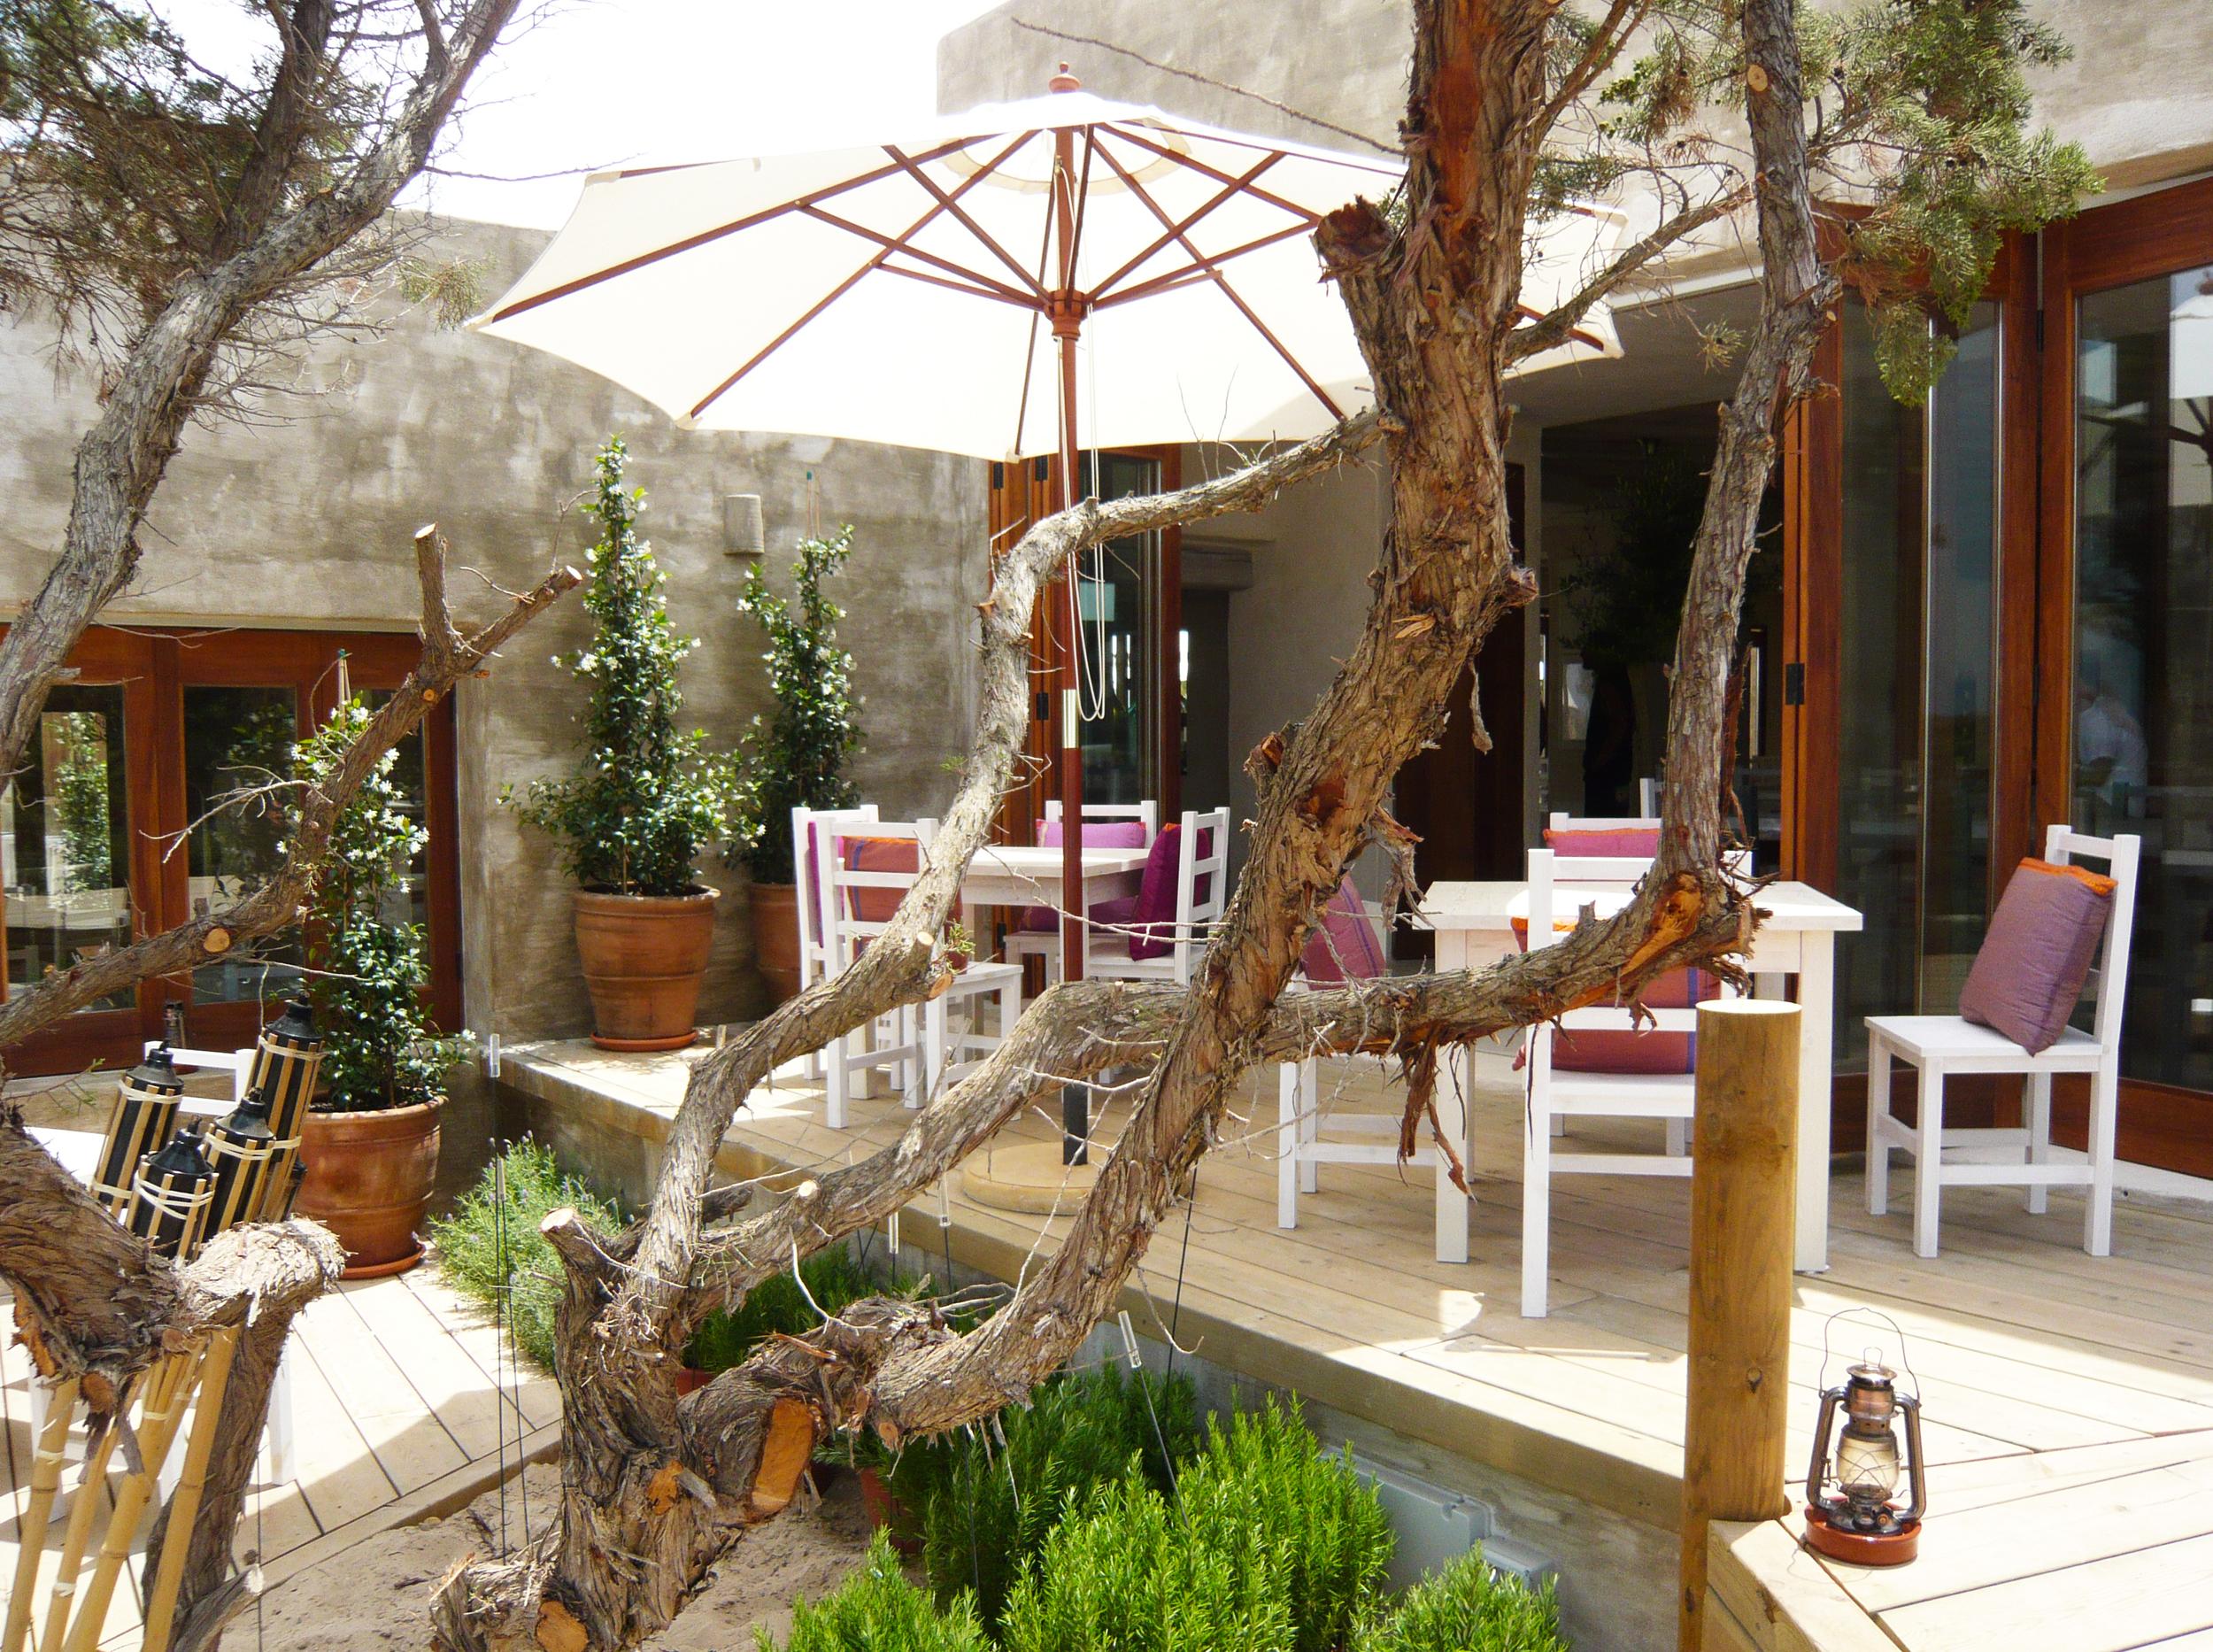 AELAND - garden_restaurant.jpg